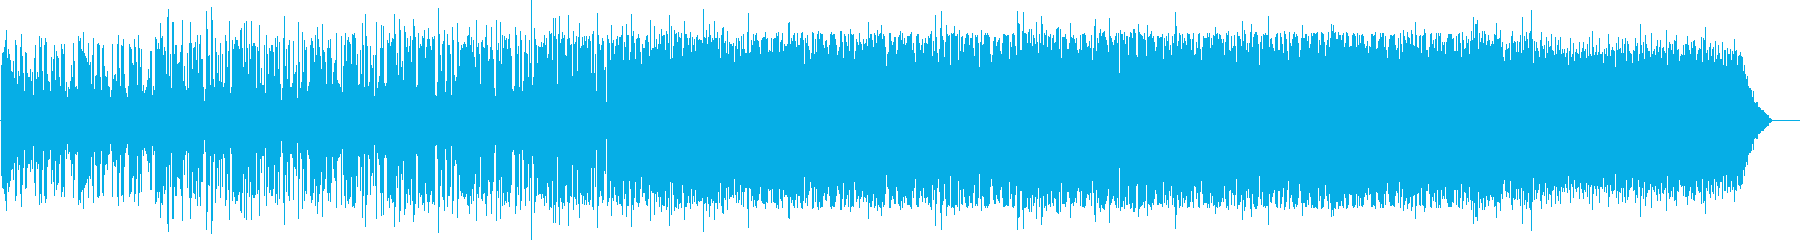 flausの再生済みの波形